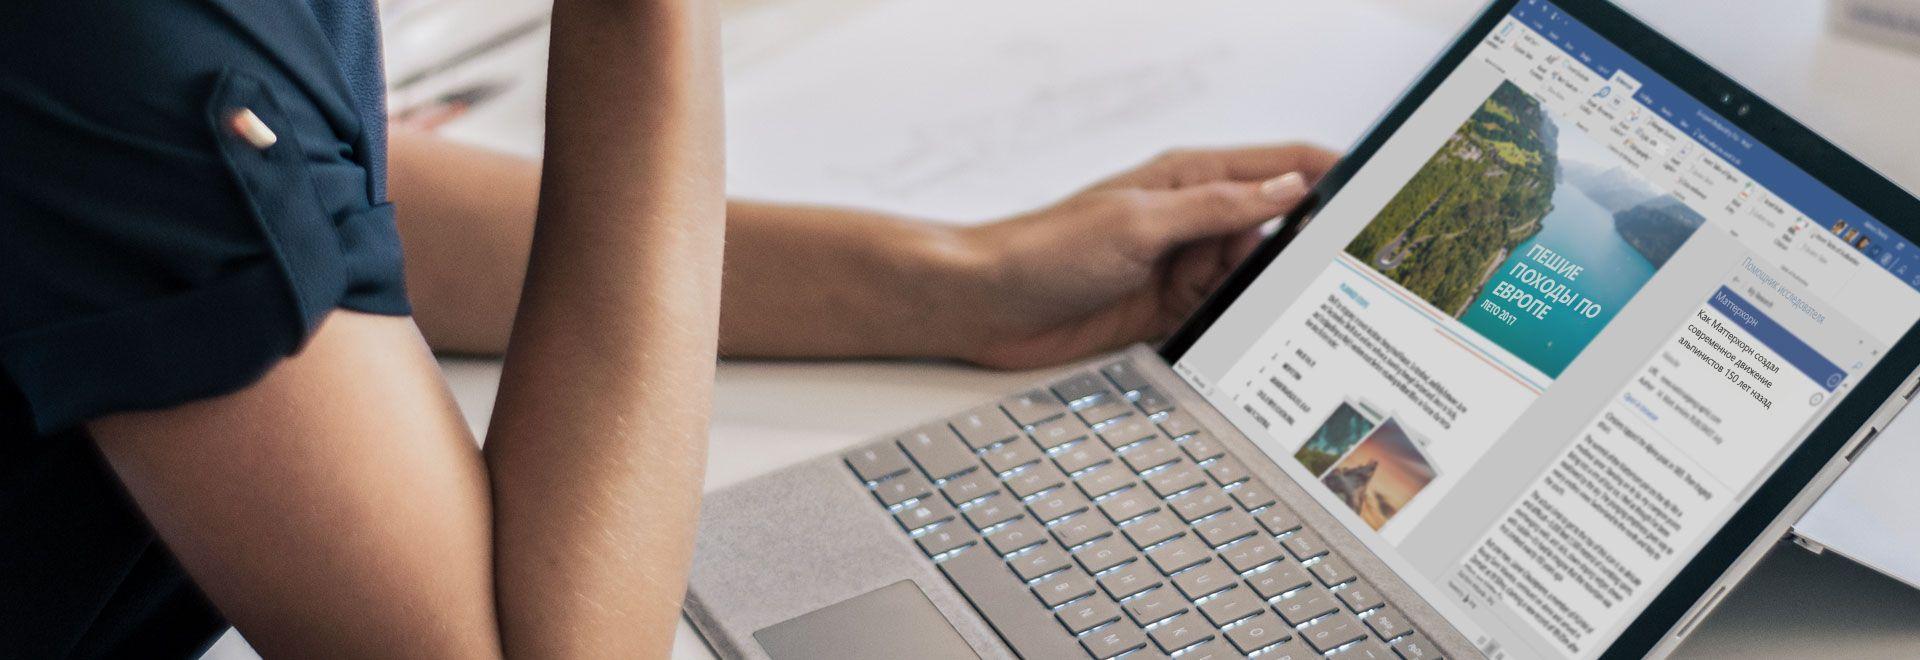 """Планшет Microsoft Surface с приложением Word, в котором открыт документ о путешествии по Европе и включена функция """"Помощник исследователя"""""""